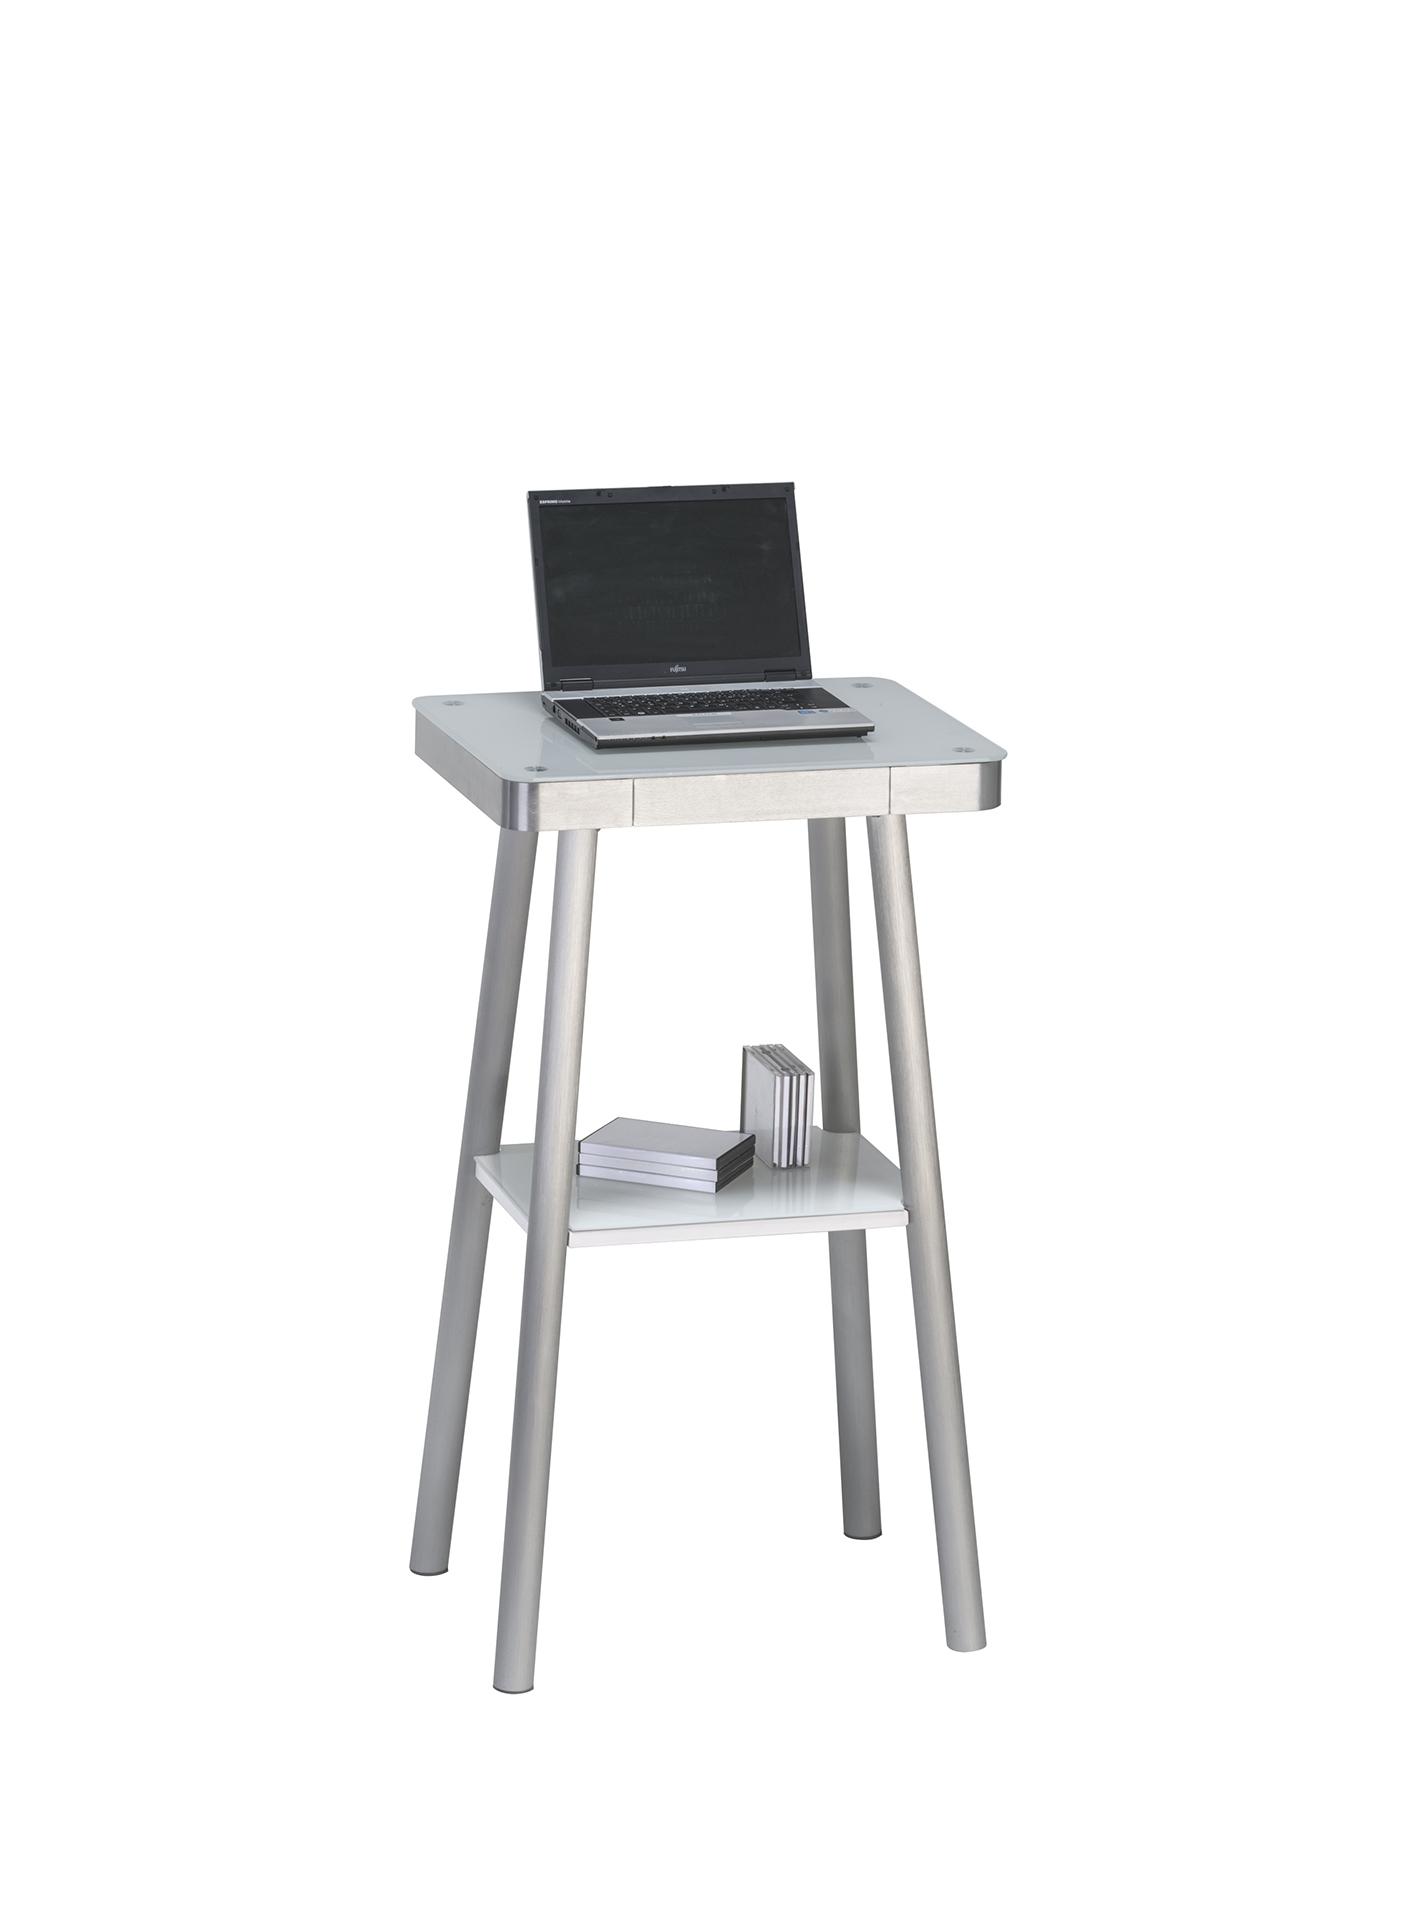 Stehpult Metall Alu – Weißglas | Möbel 29